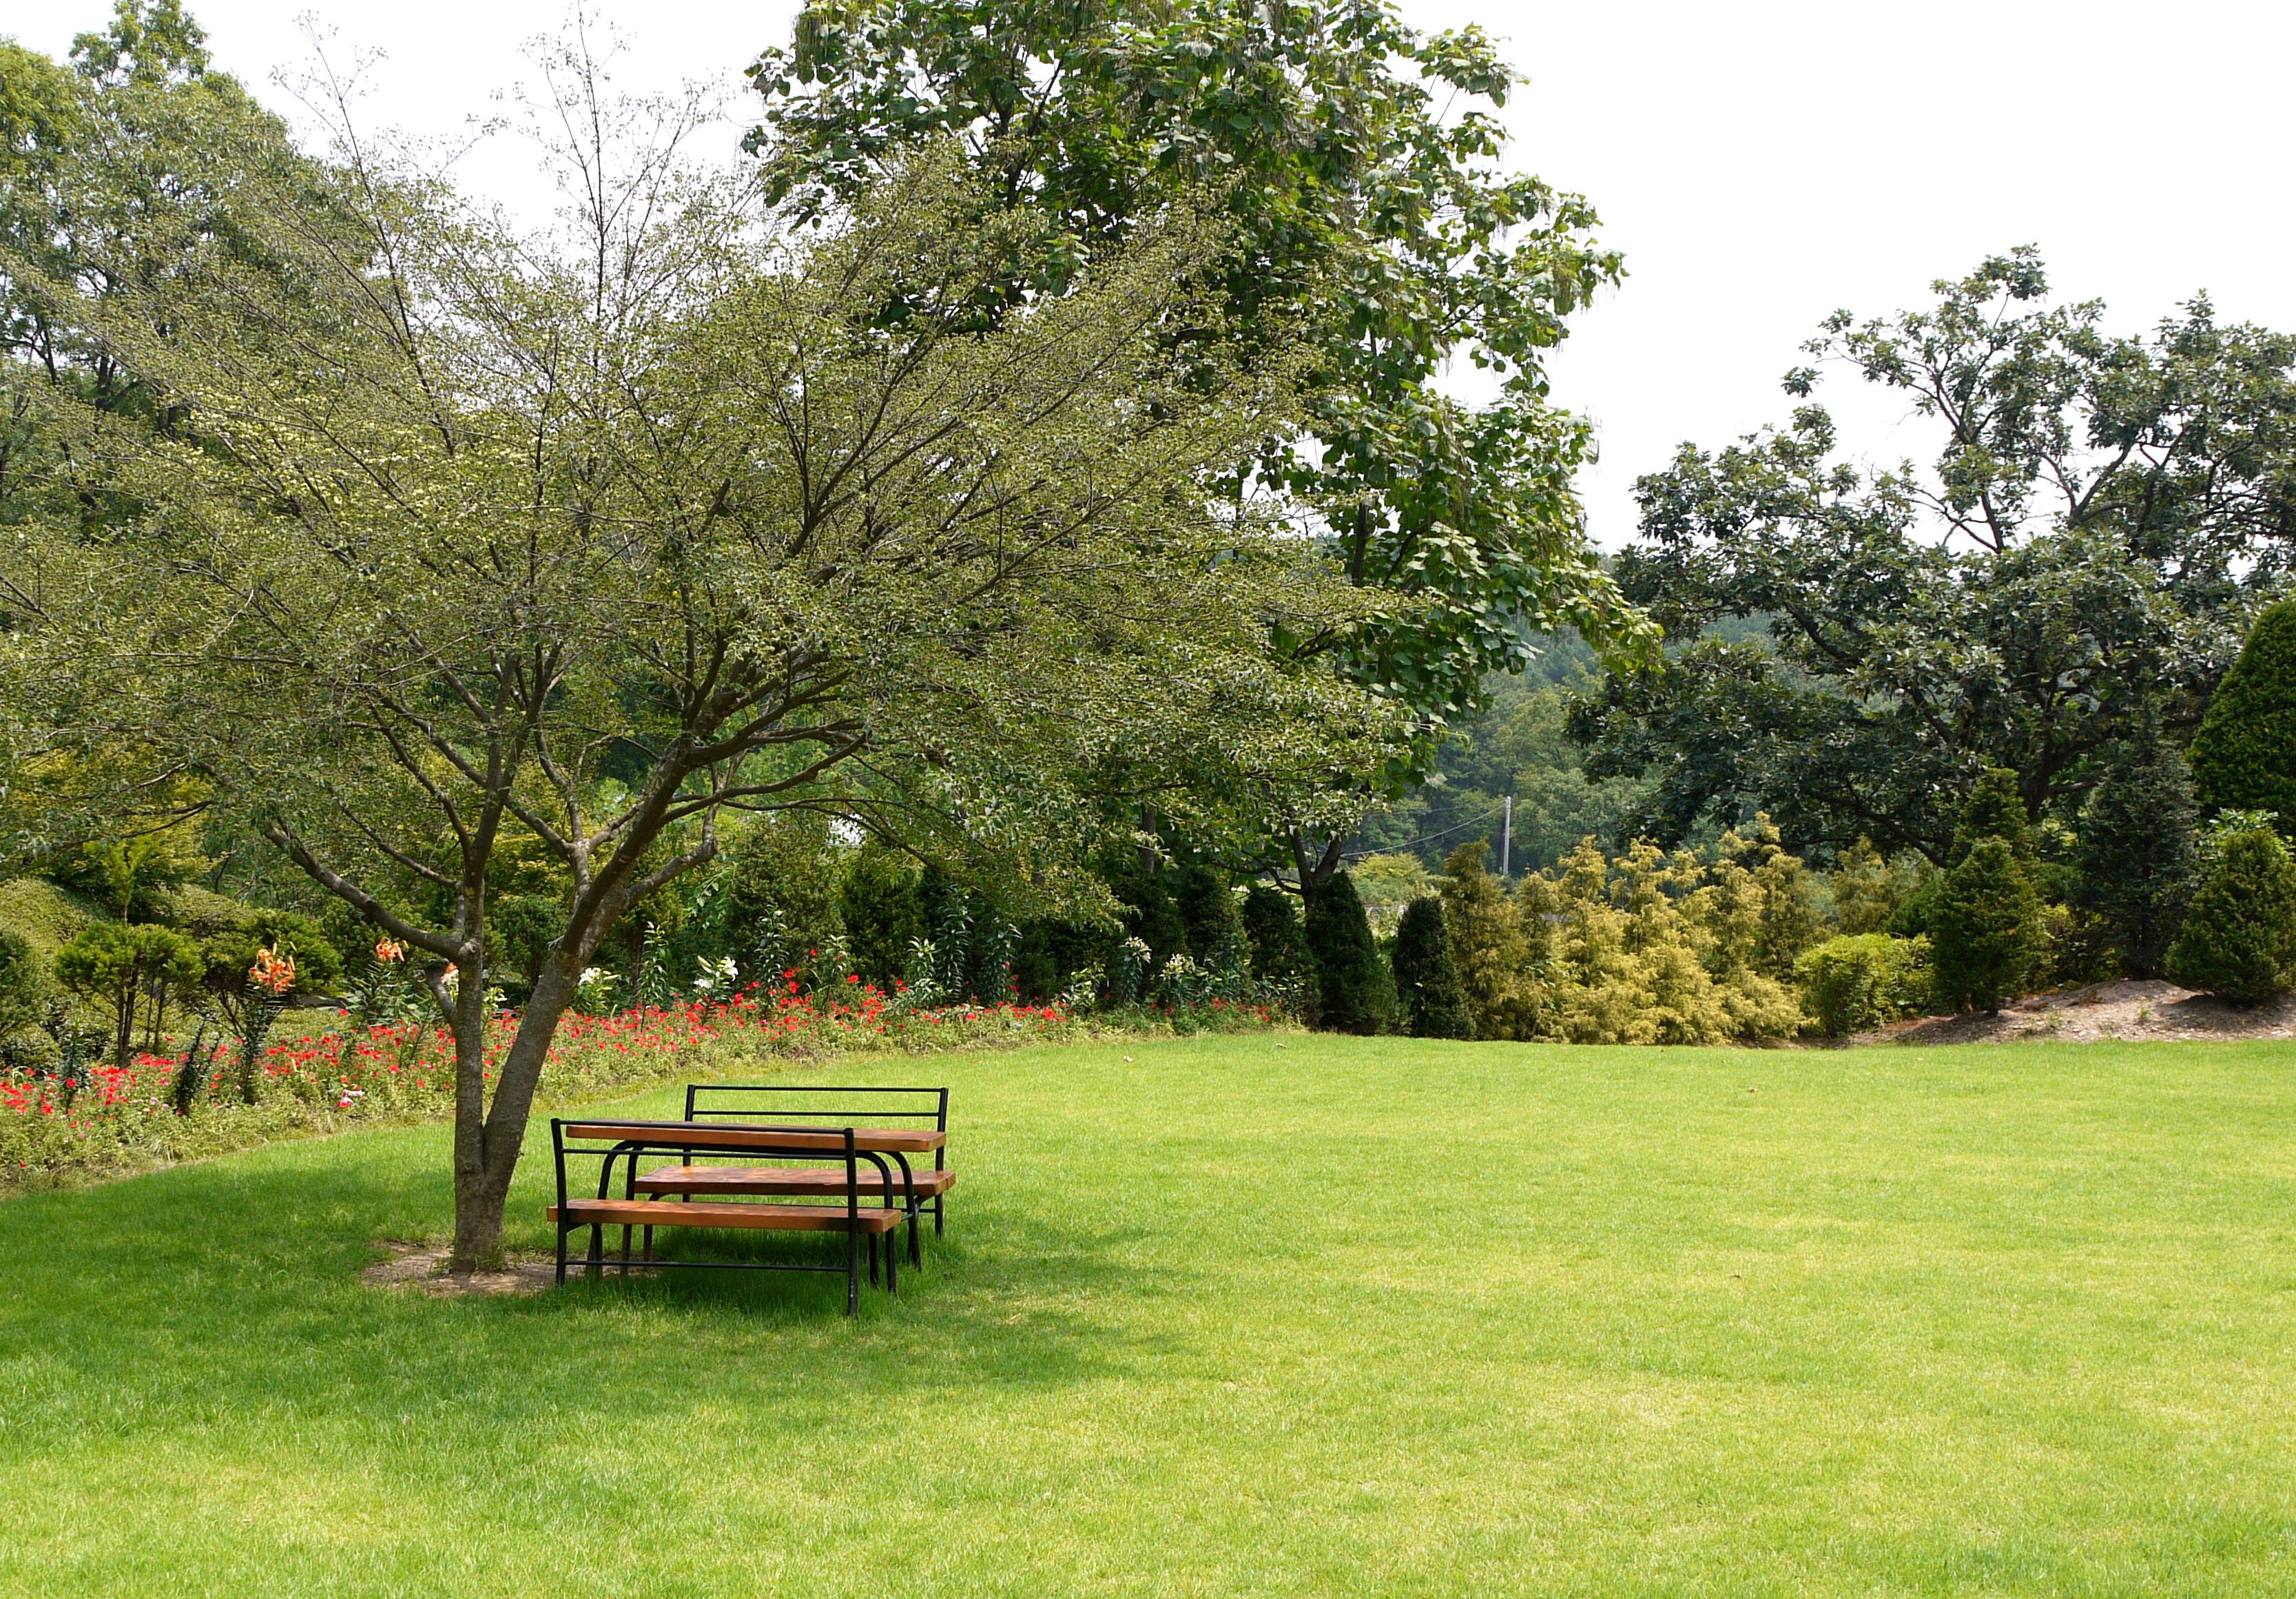 잔디밭 한쪽에 나무 그늘이 드리운 벤치